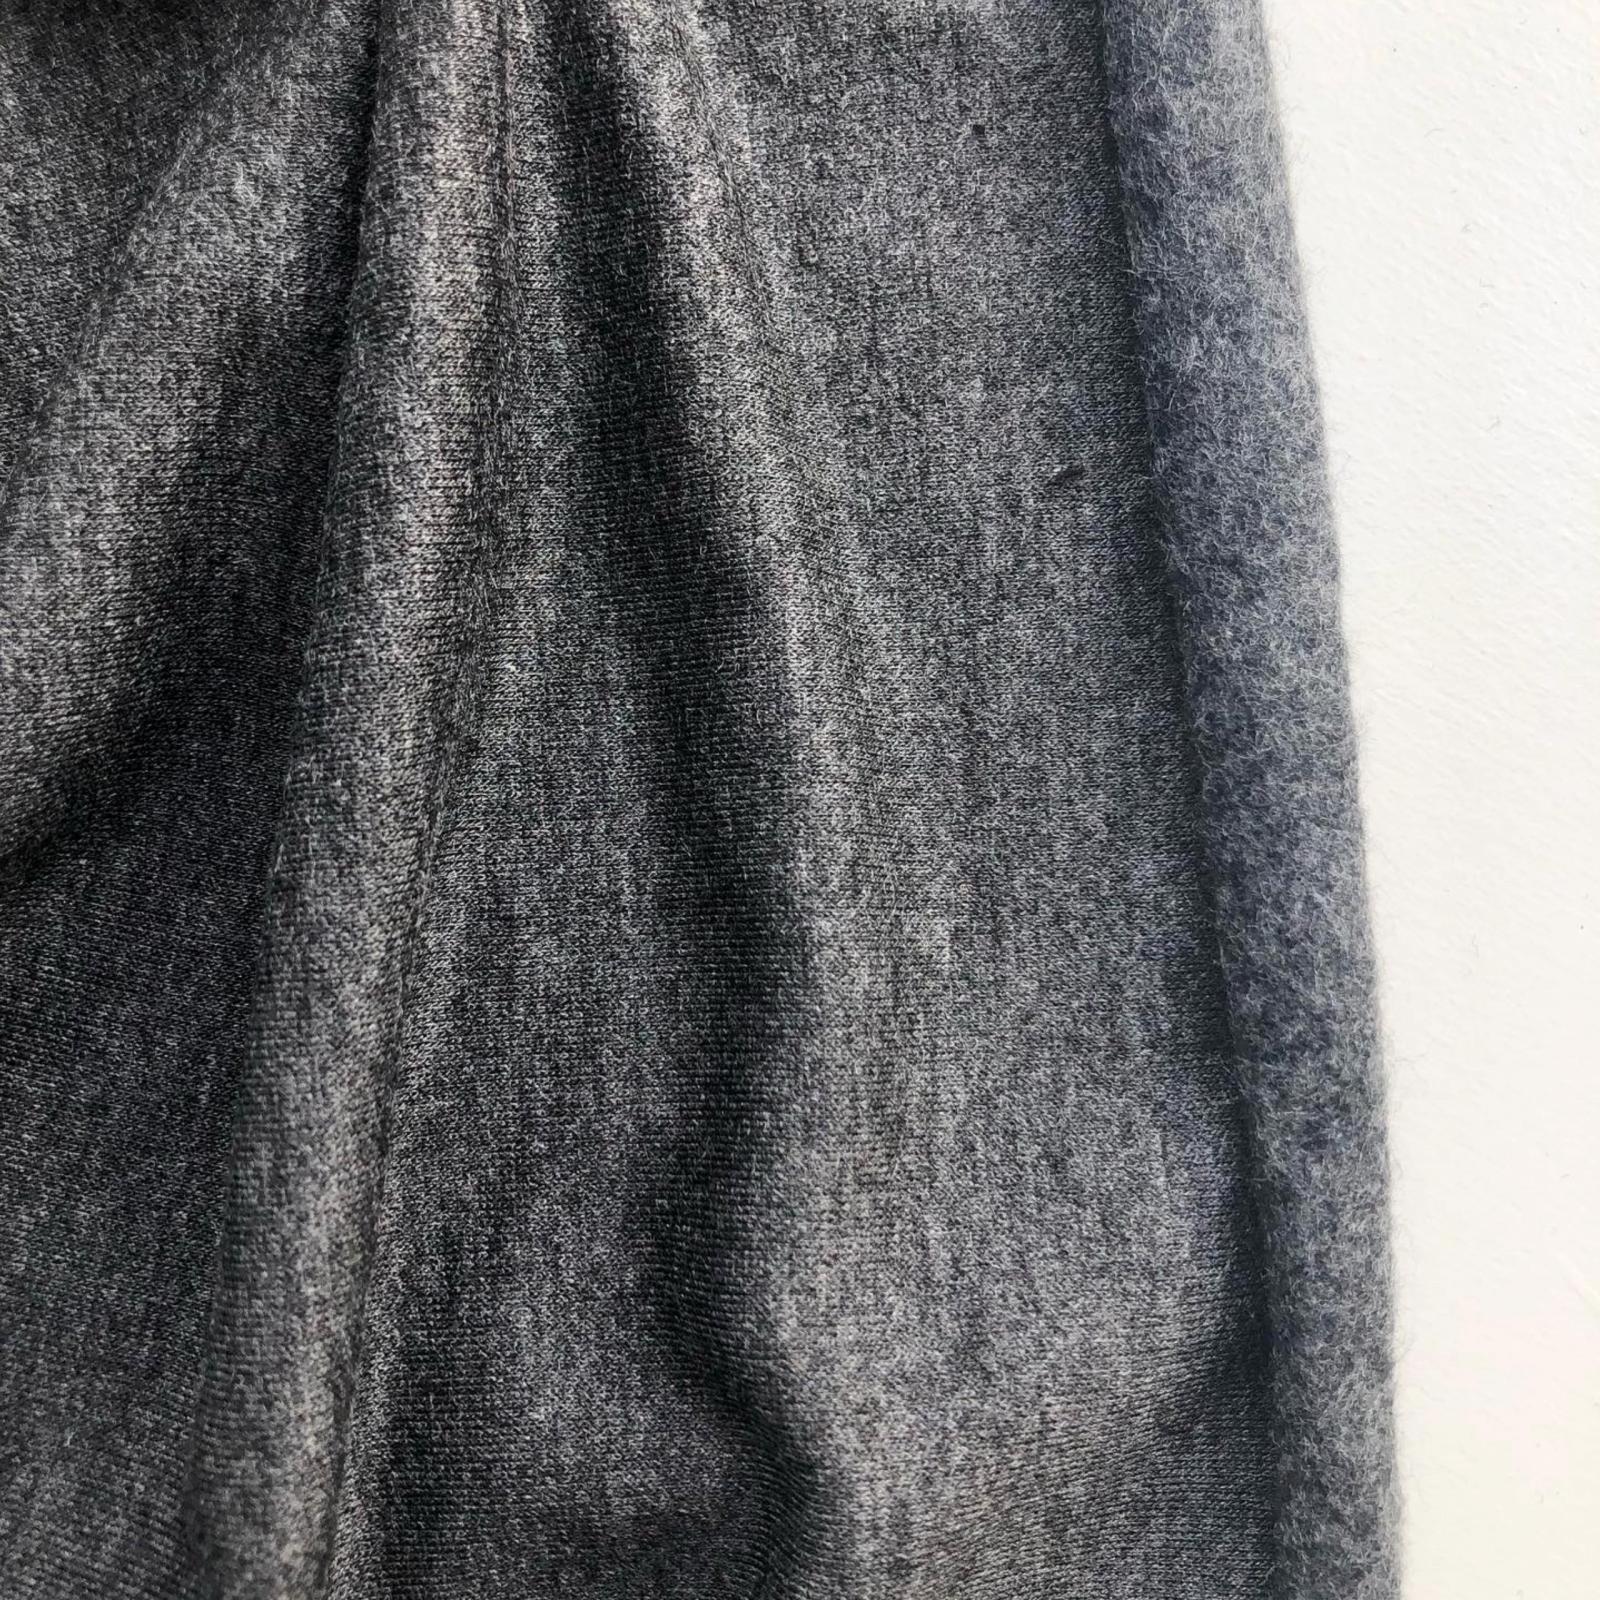 Rayon/Lycra 10 oz Sweatshirt Fleece - Charcoal